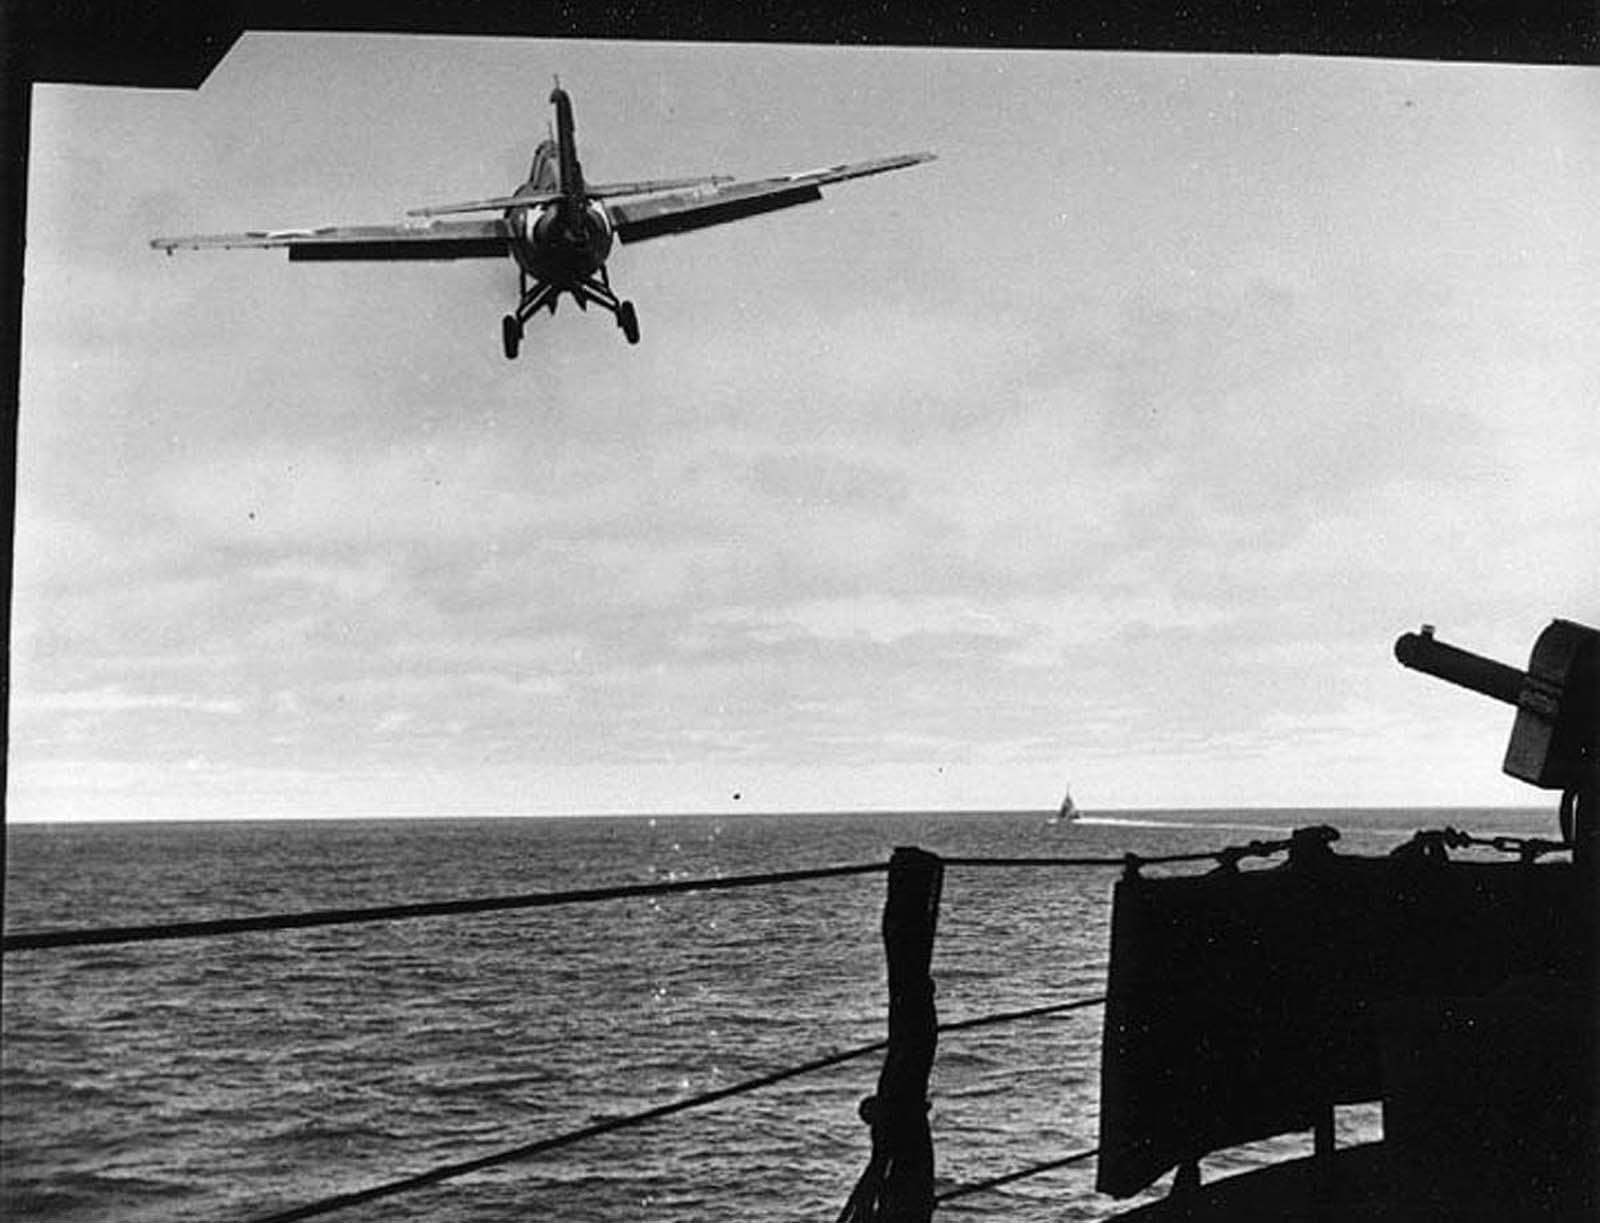 A Grumman F4F-4